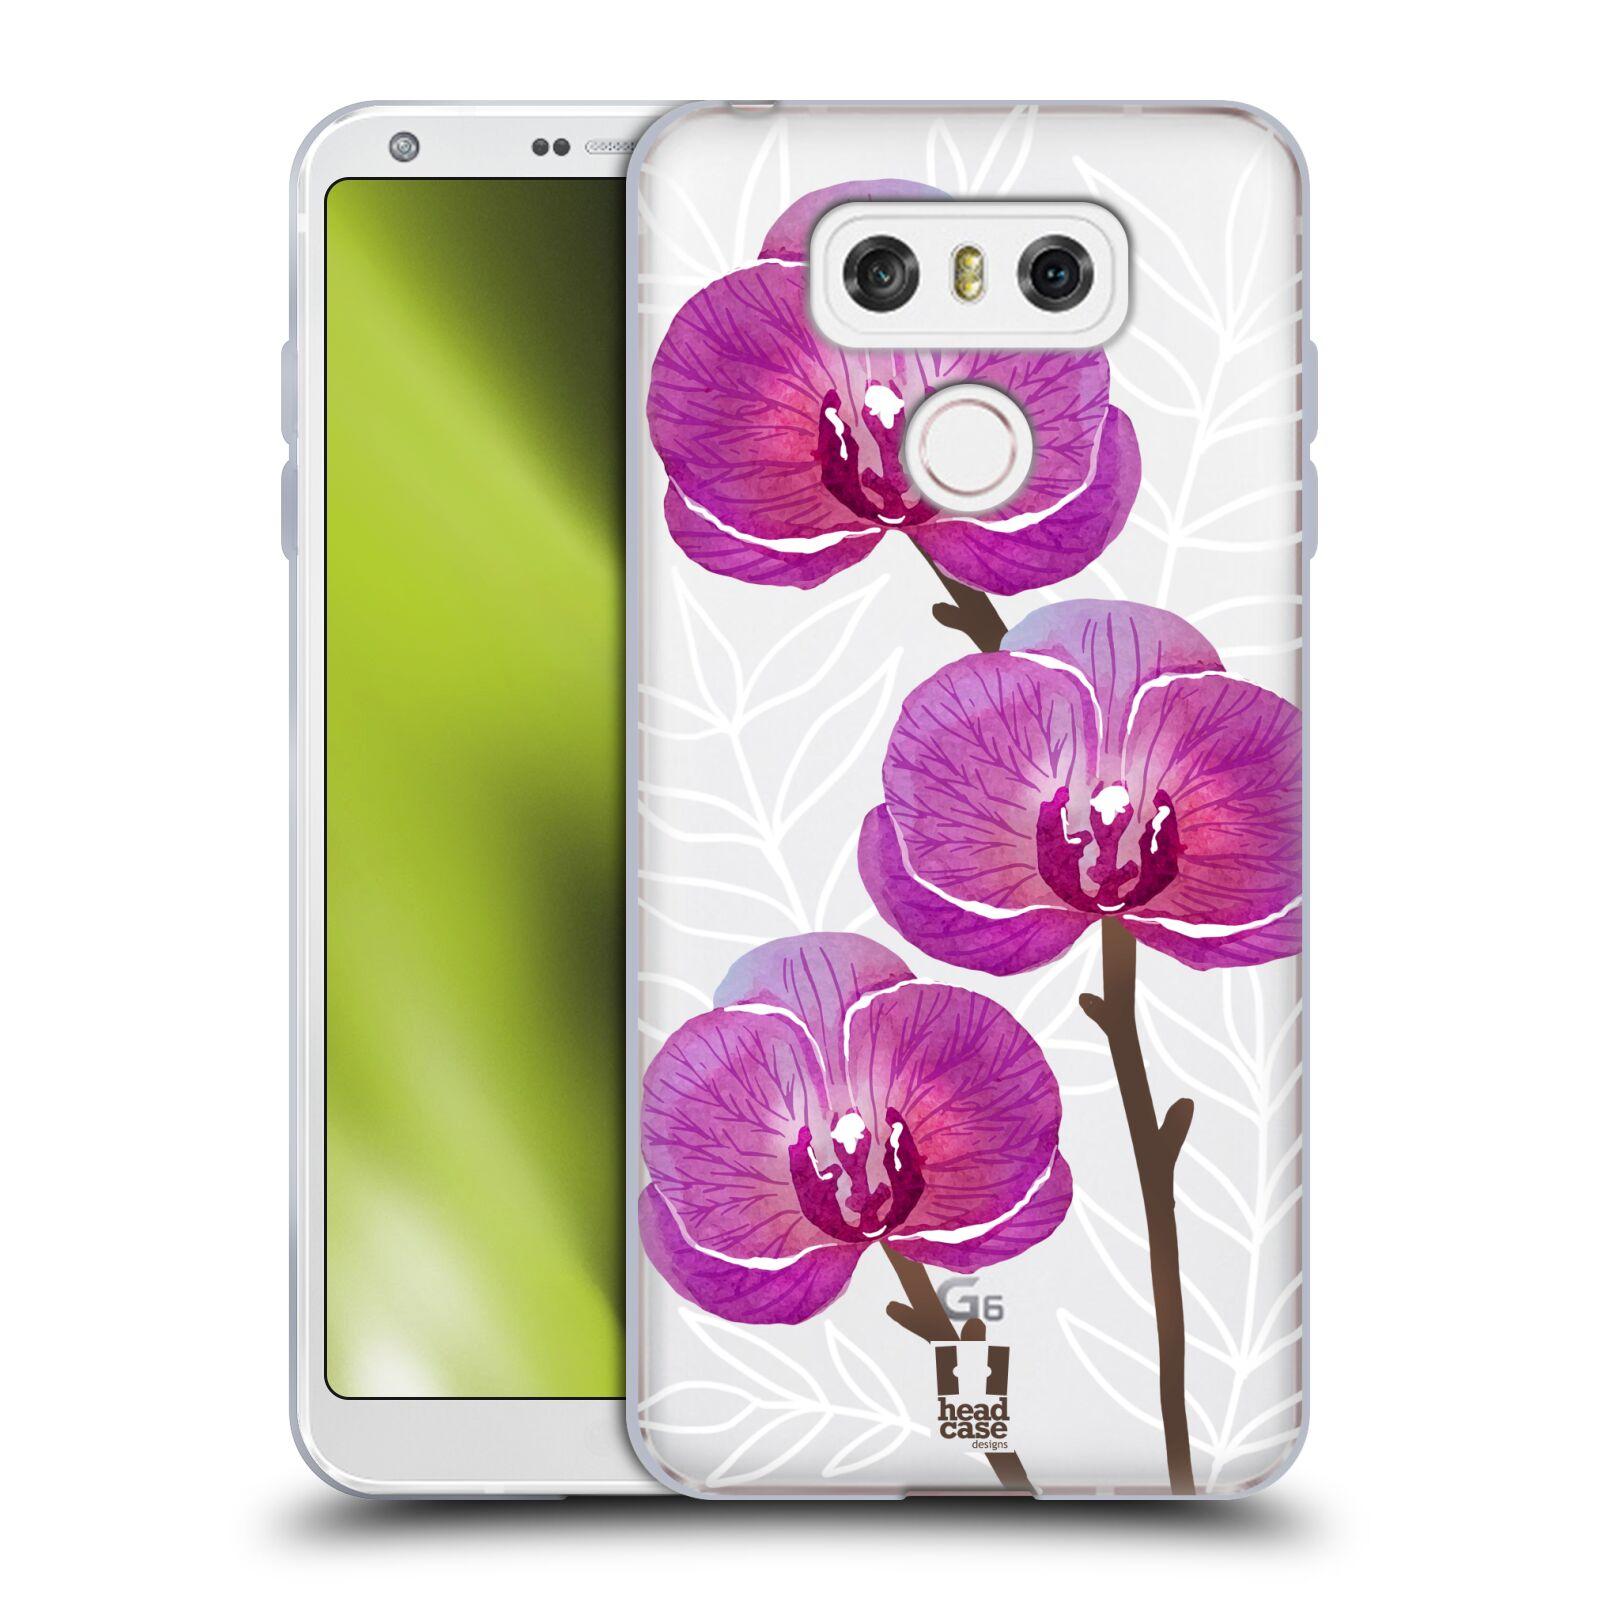 Silikonové pouzdro na mobil LG G6 - Head Case - Hezoučké kvítky - průhledné